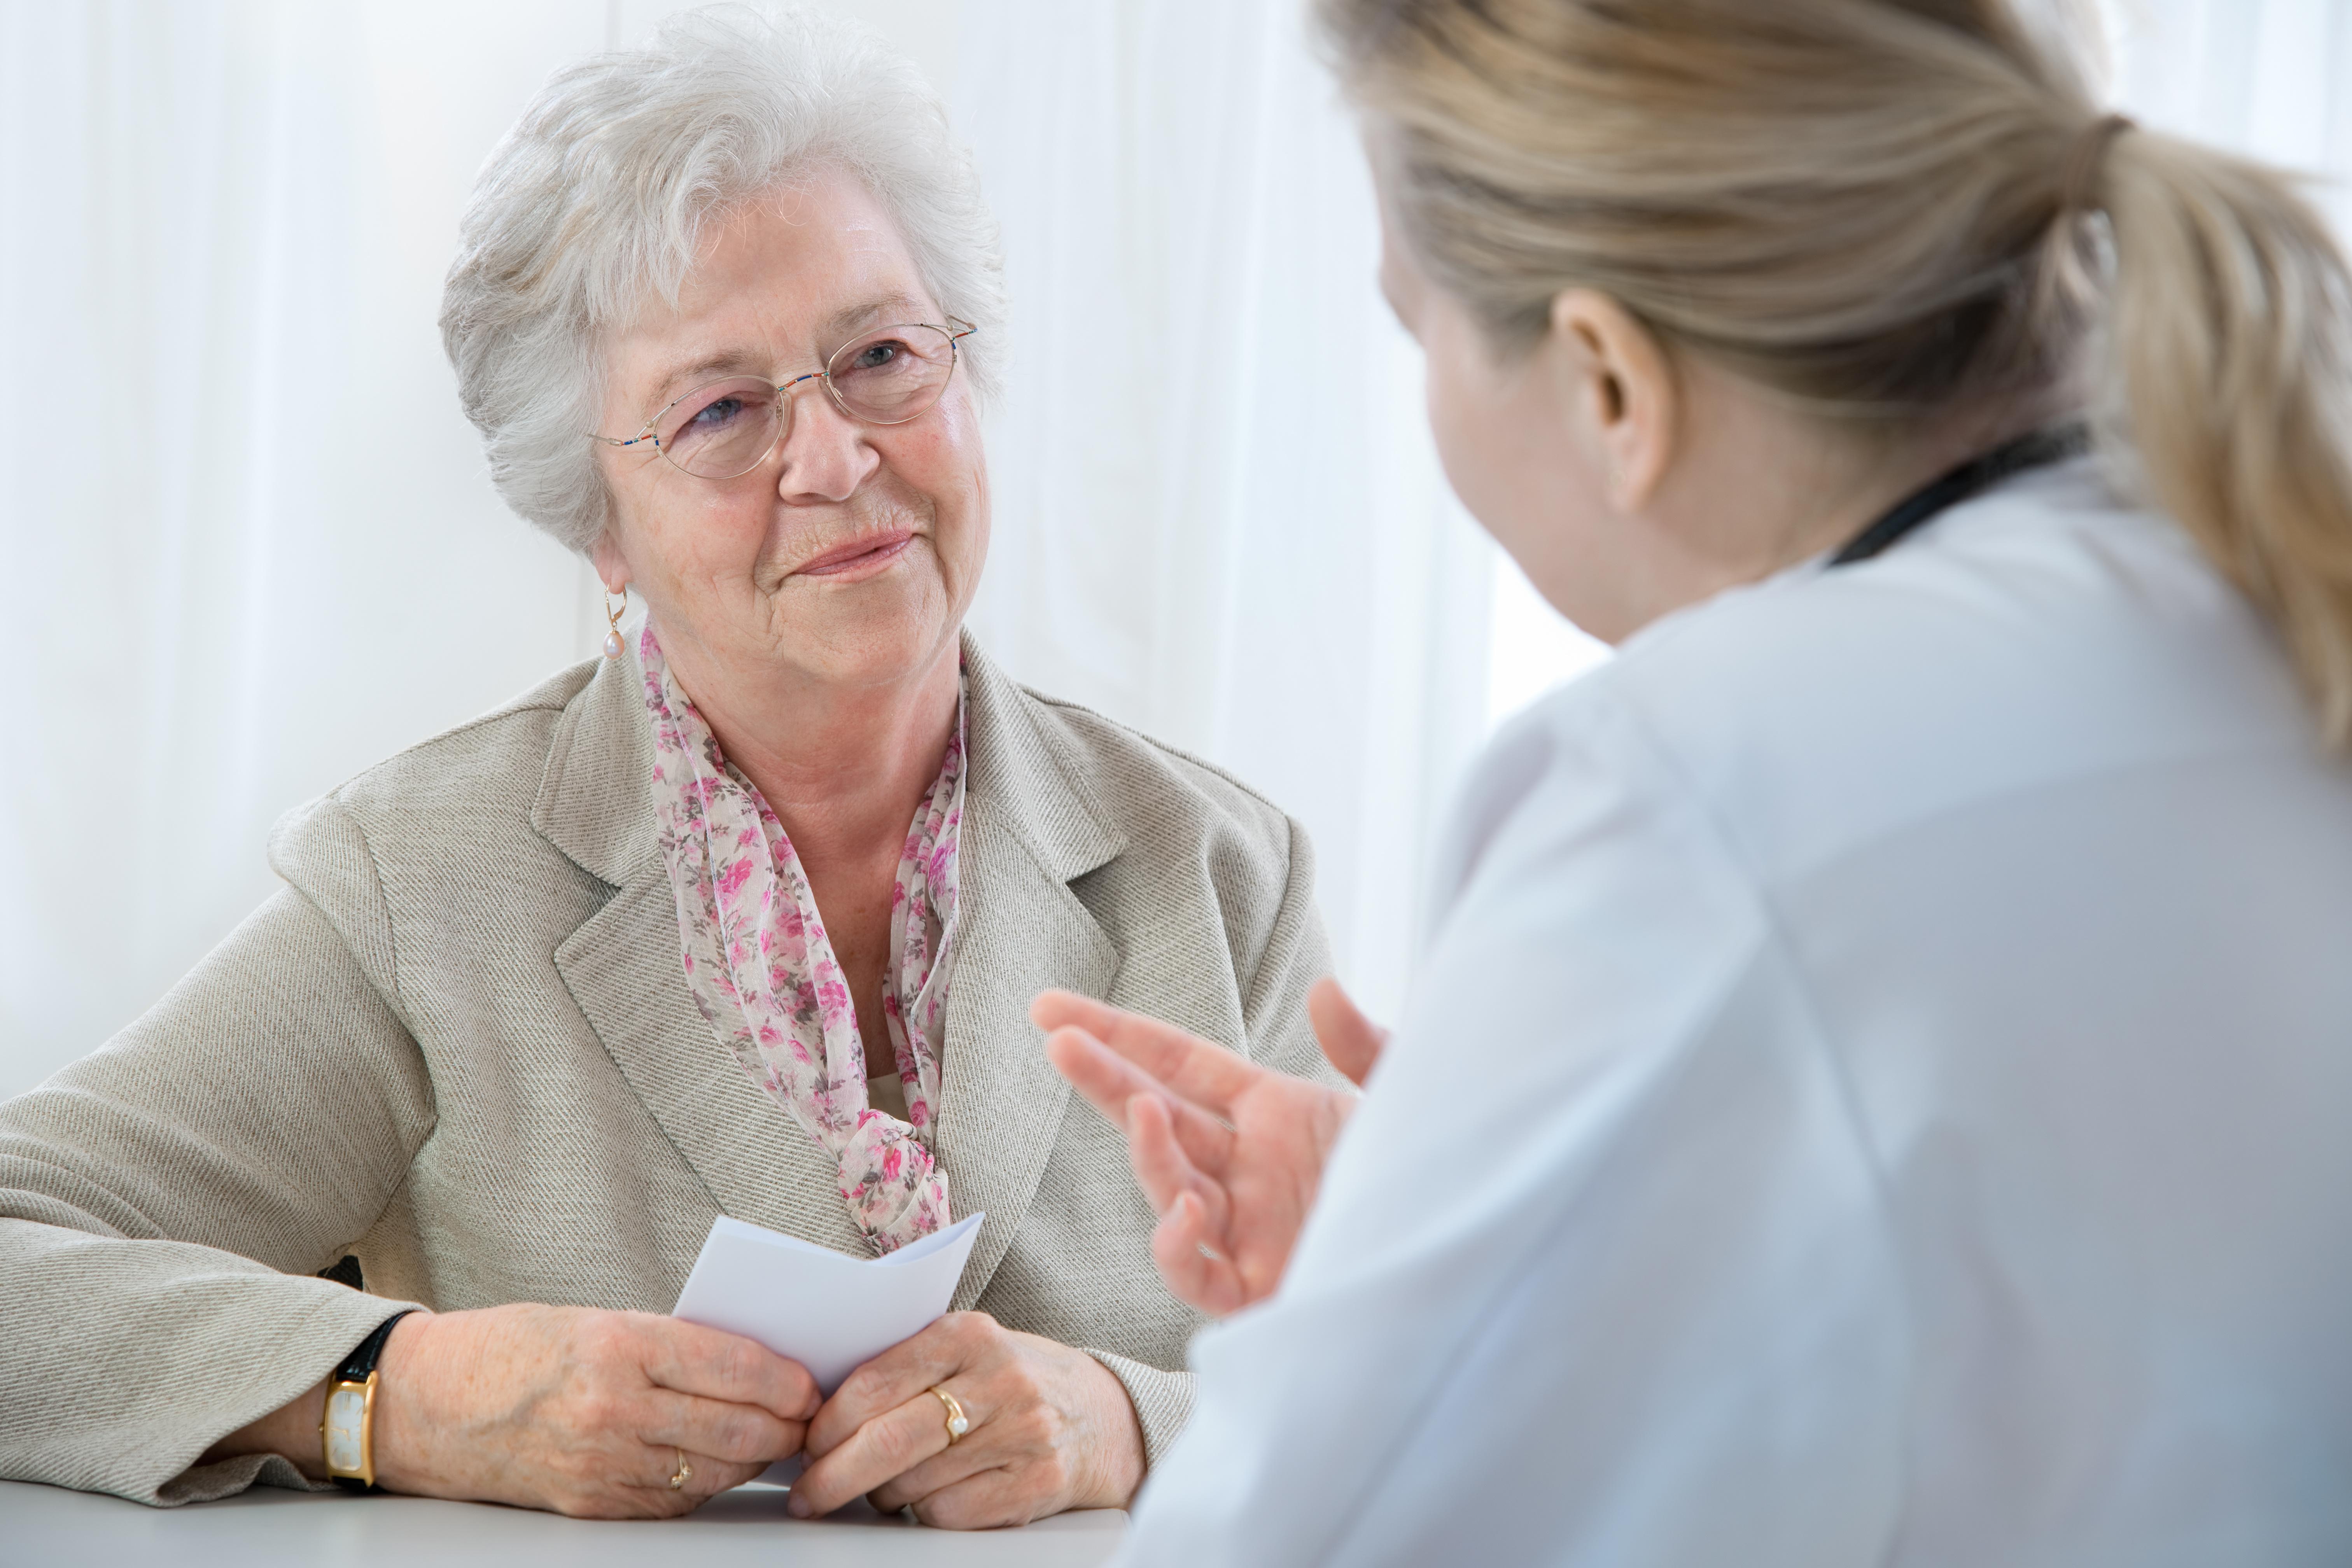 Patientin und Ärztin im diagnostischen Gespräch